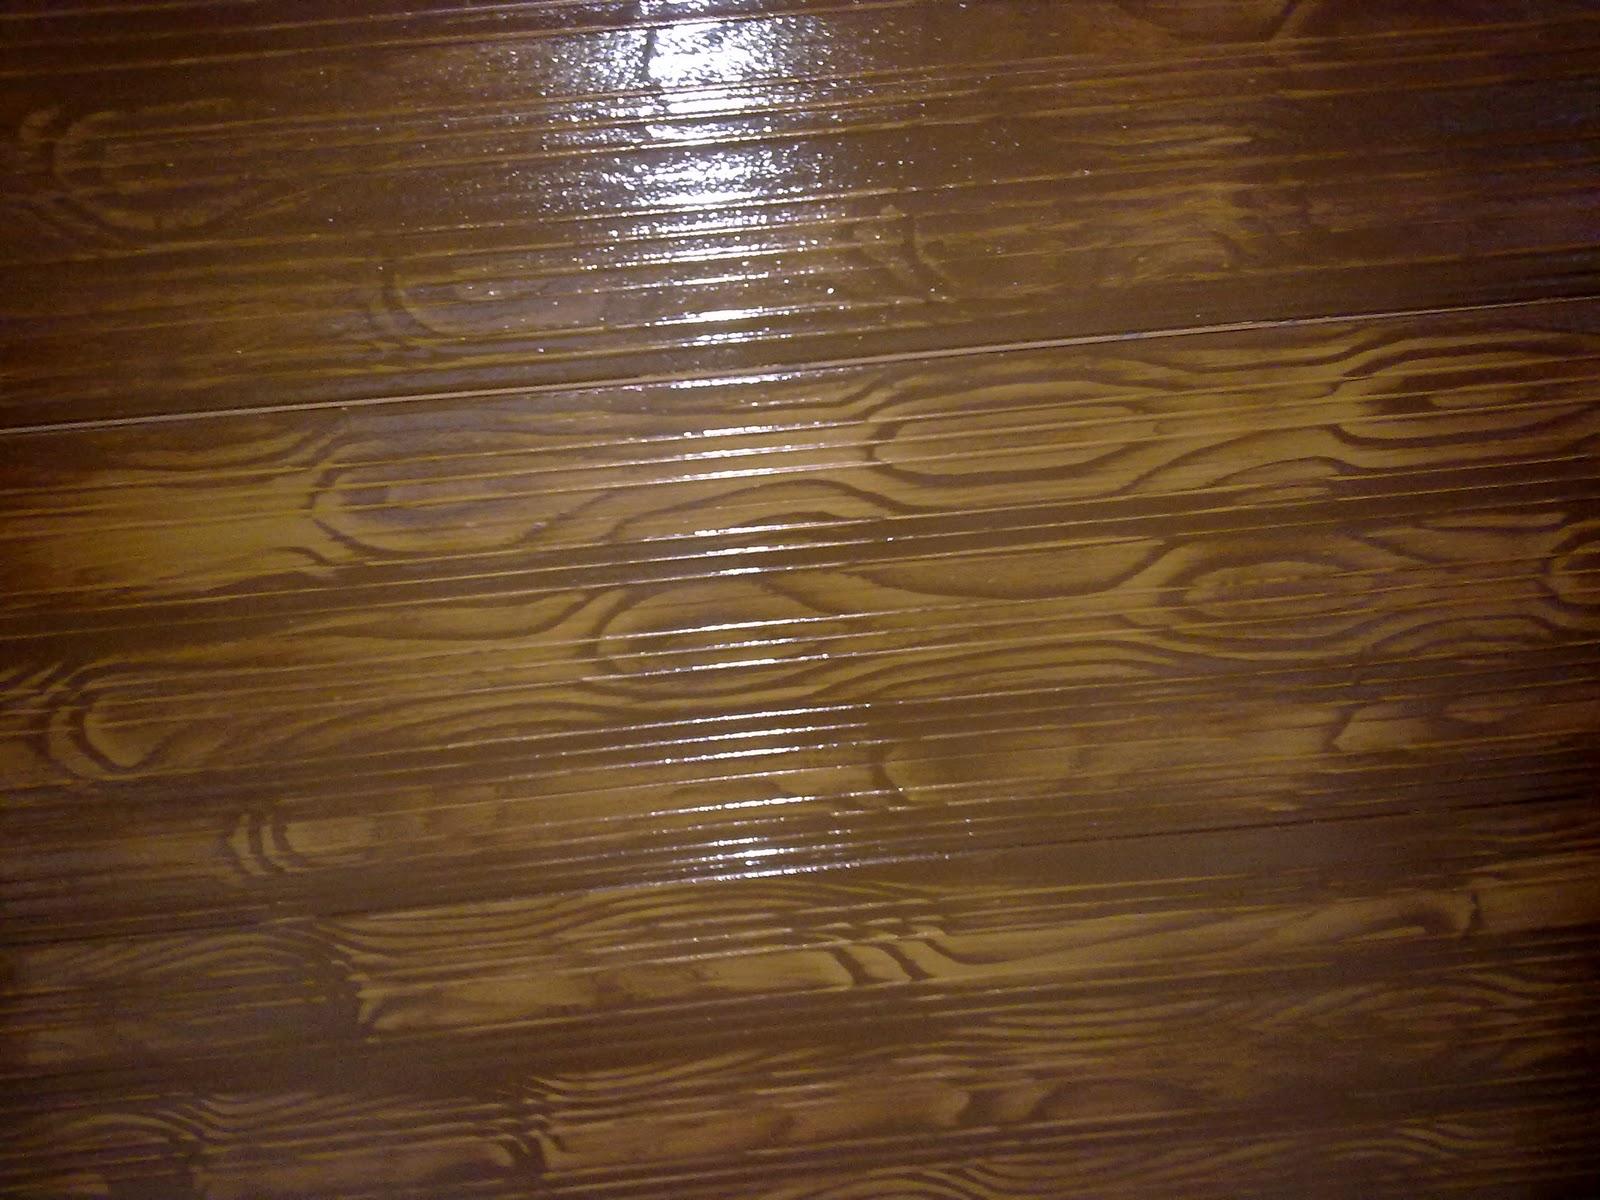 Pinturas lleni techo de bardos y vigas de hormig n en - Pinturas de madera ...